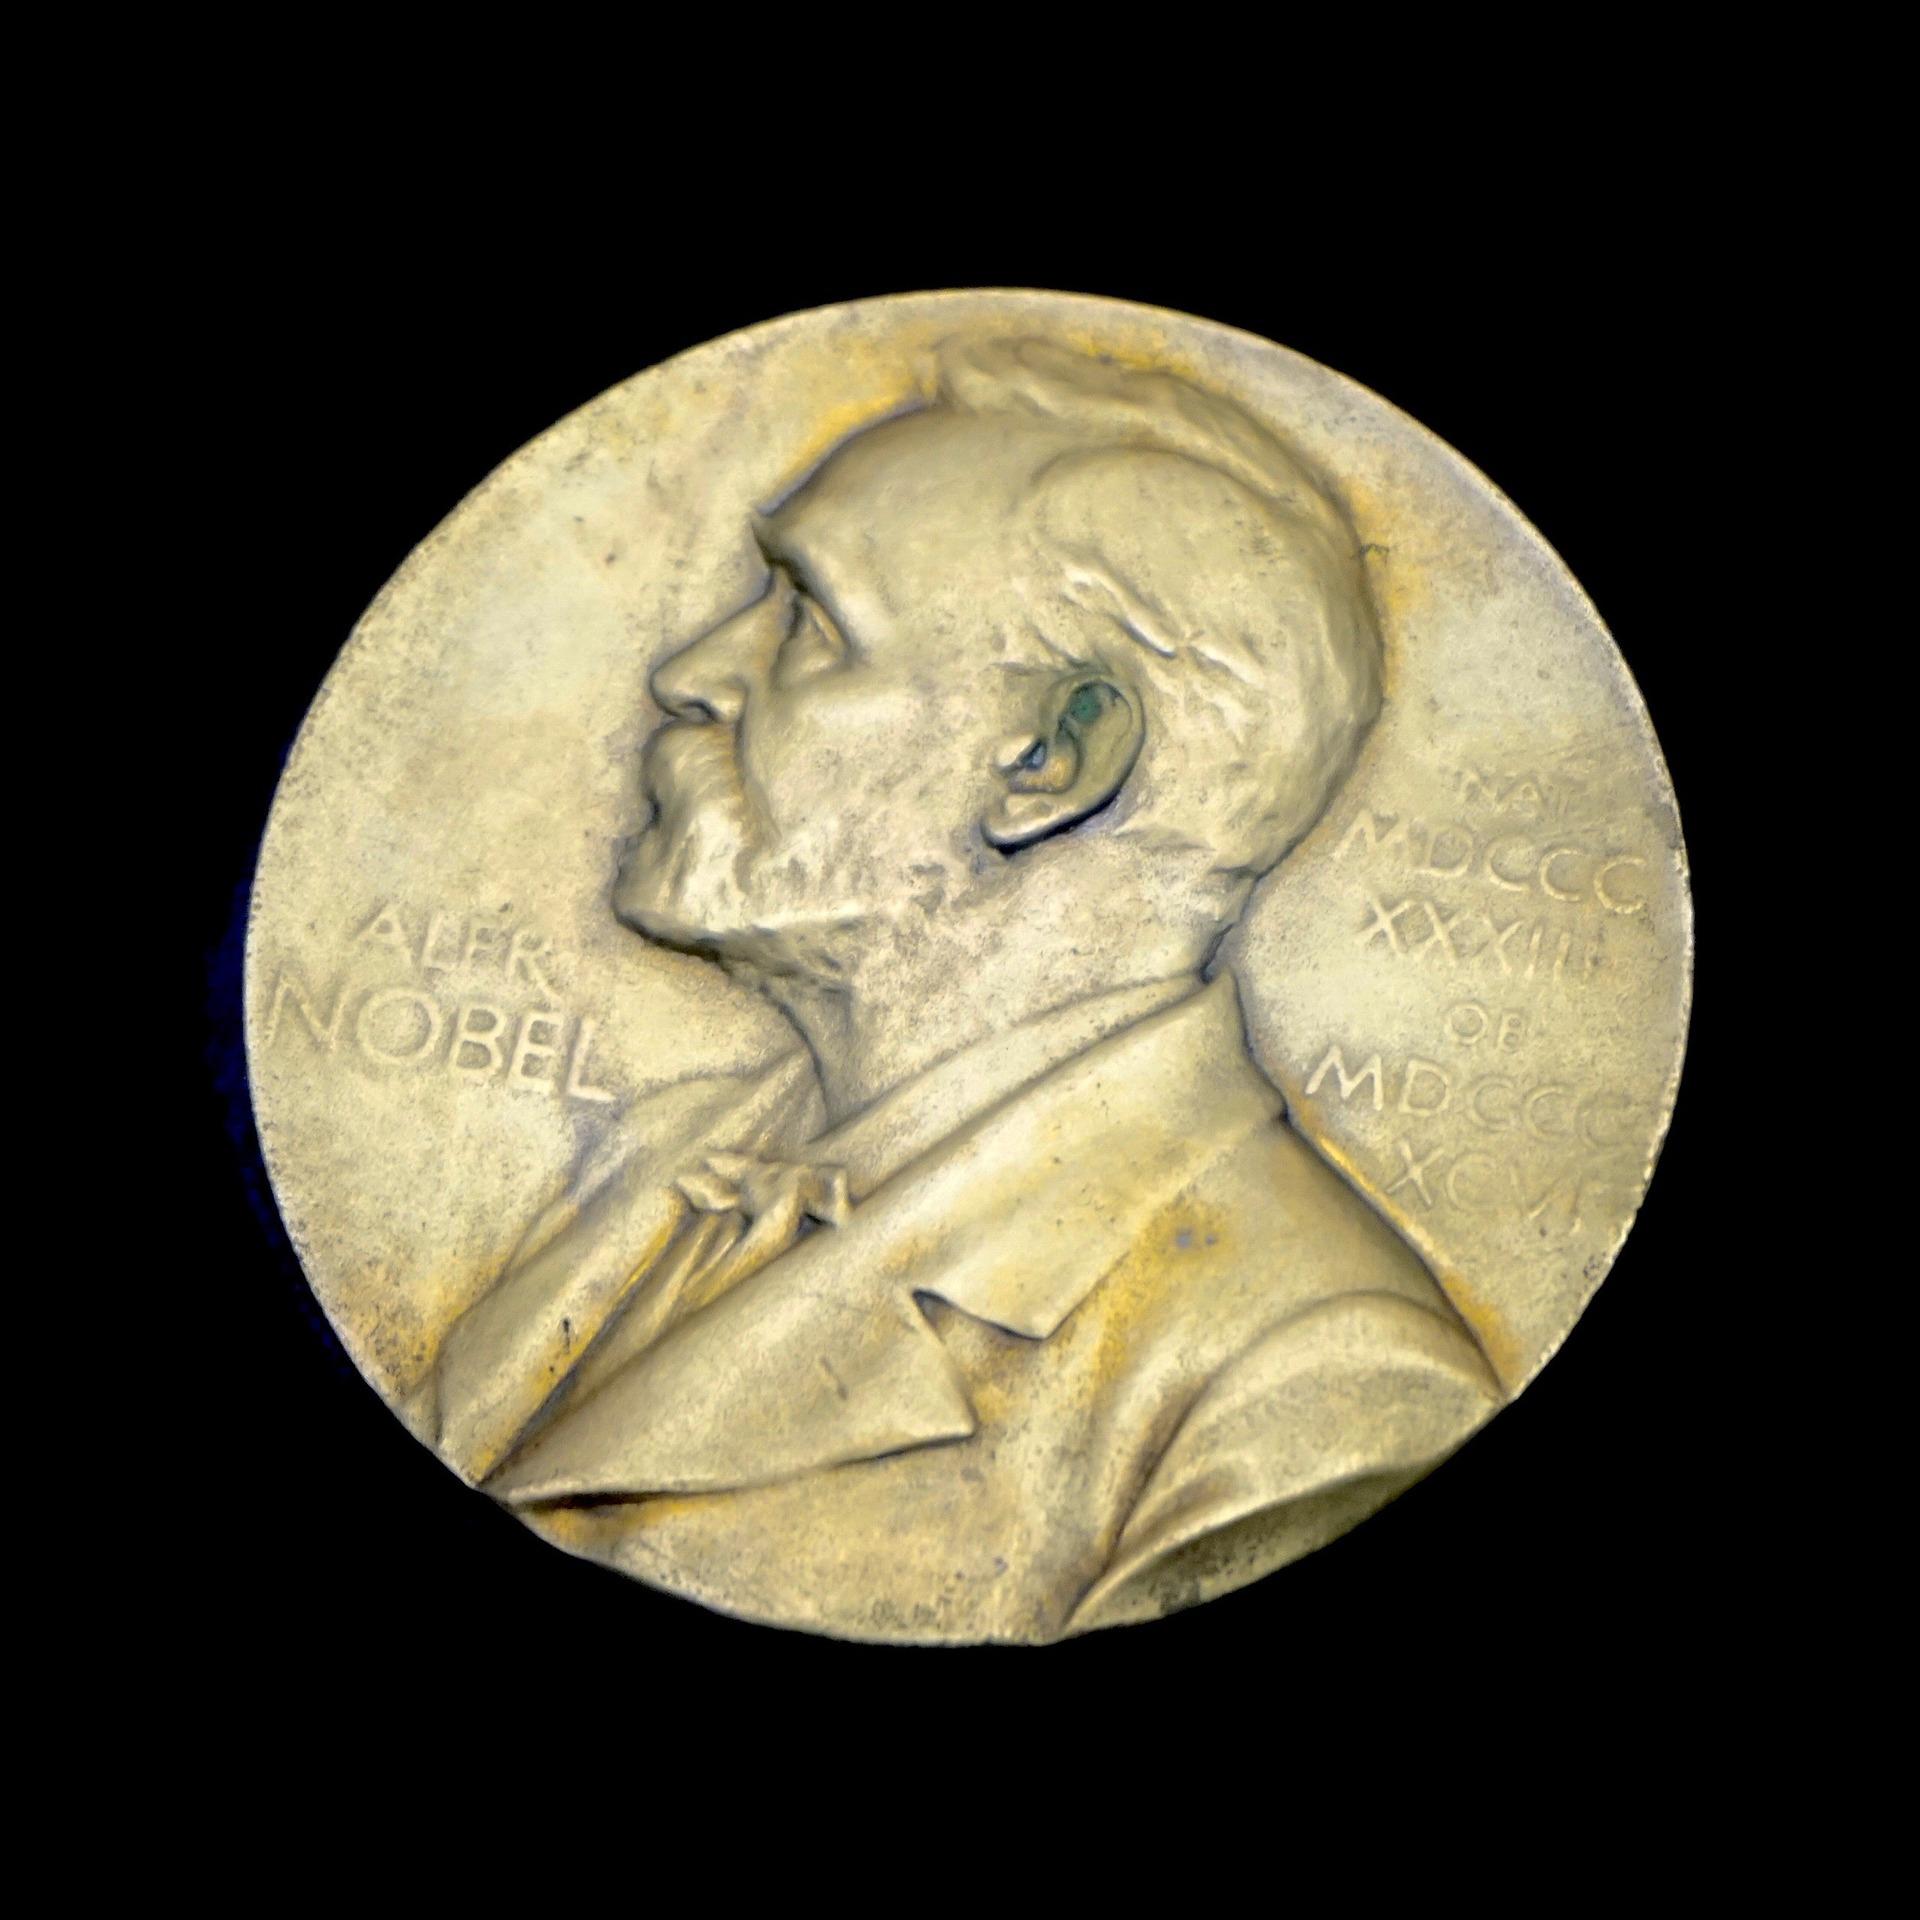 Da li razmišljate kao Nobelovac?